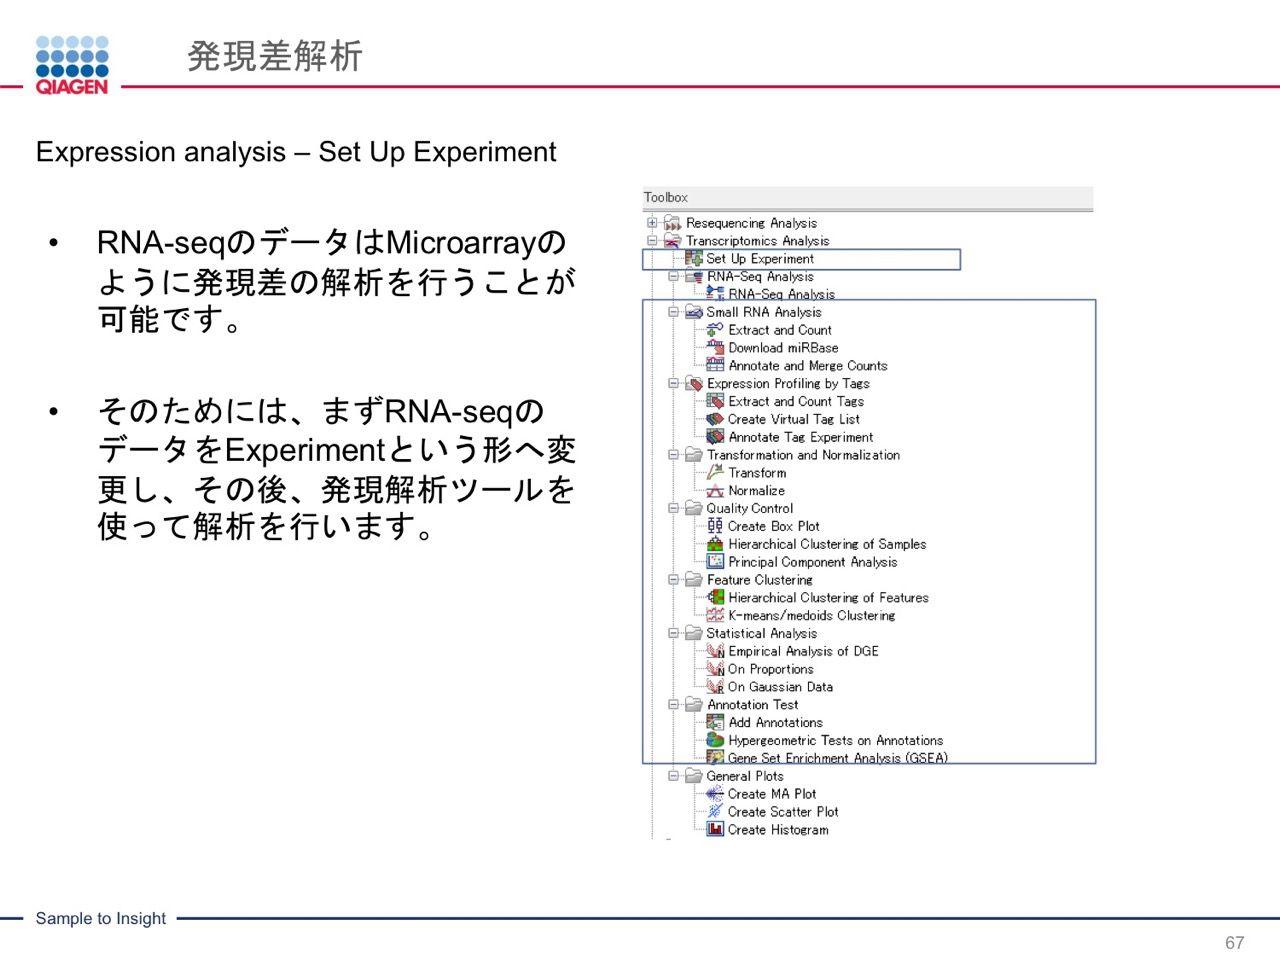 images/AJACSa2_miyamoto_067.jpg